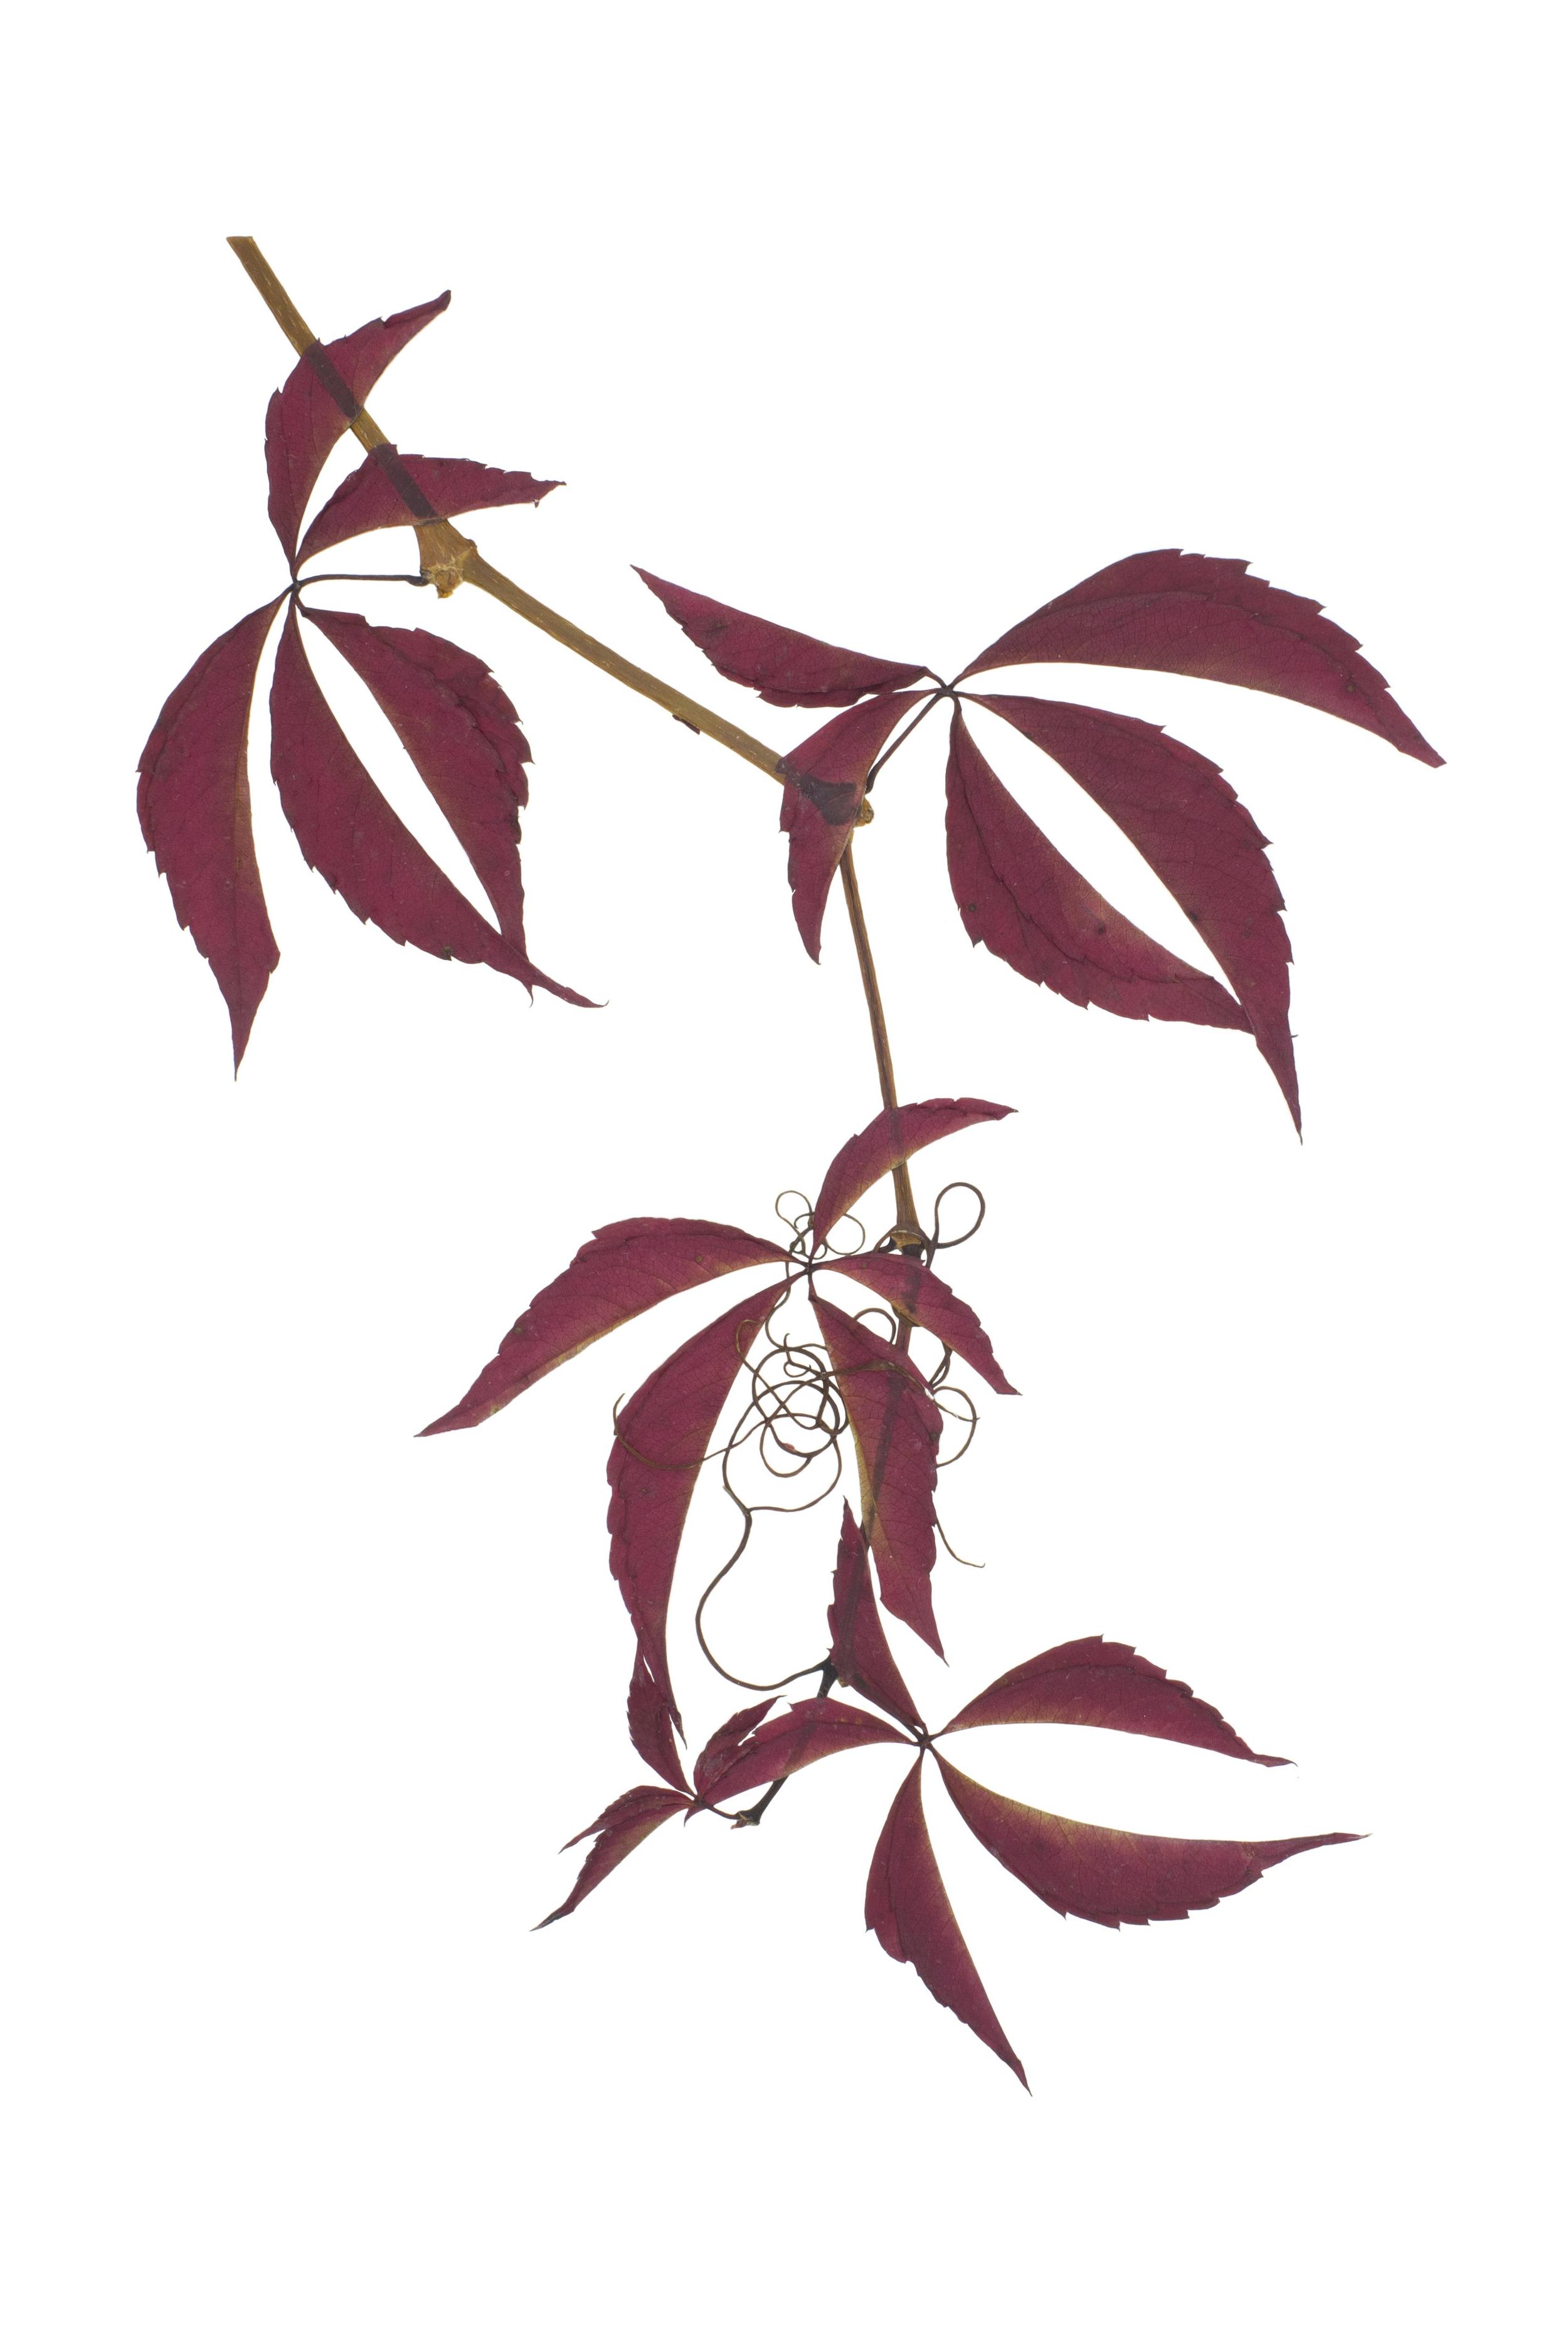 Parthenocissus quinquefolia / Virginia Creeper